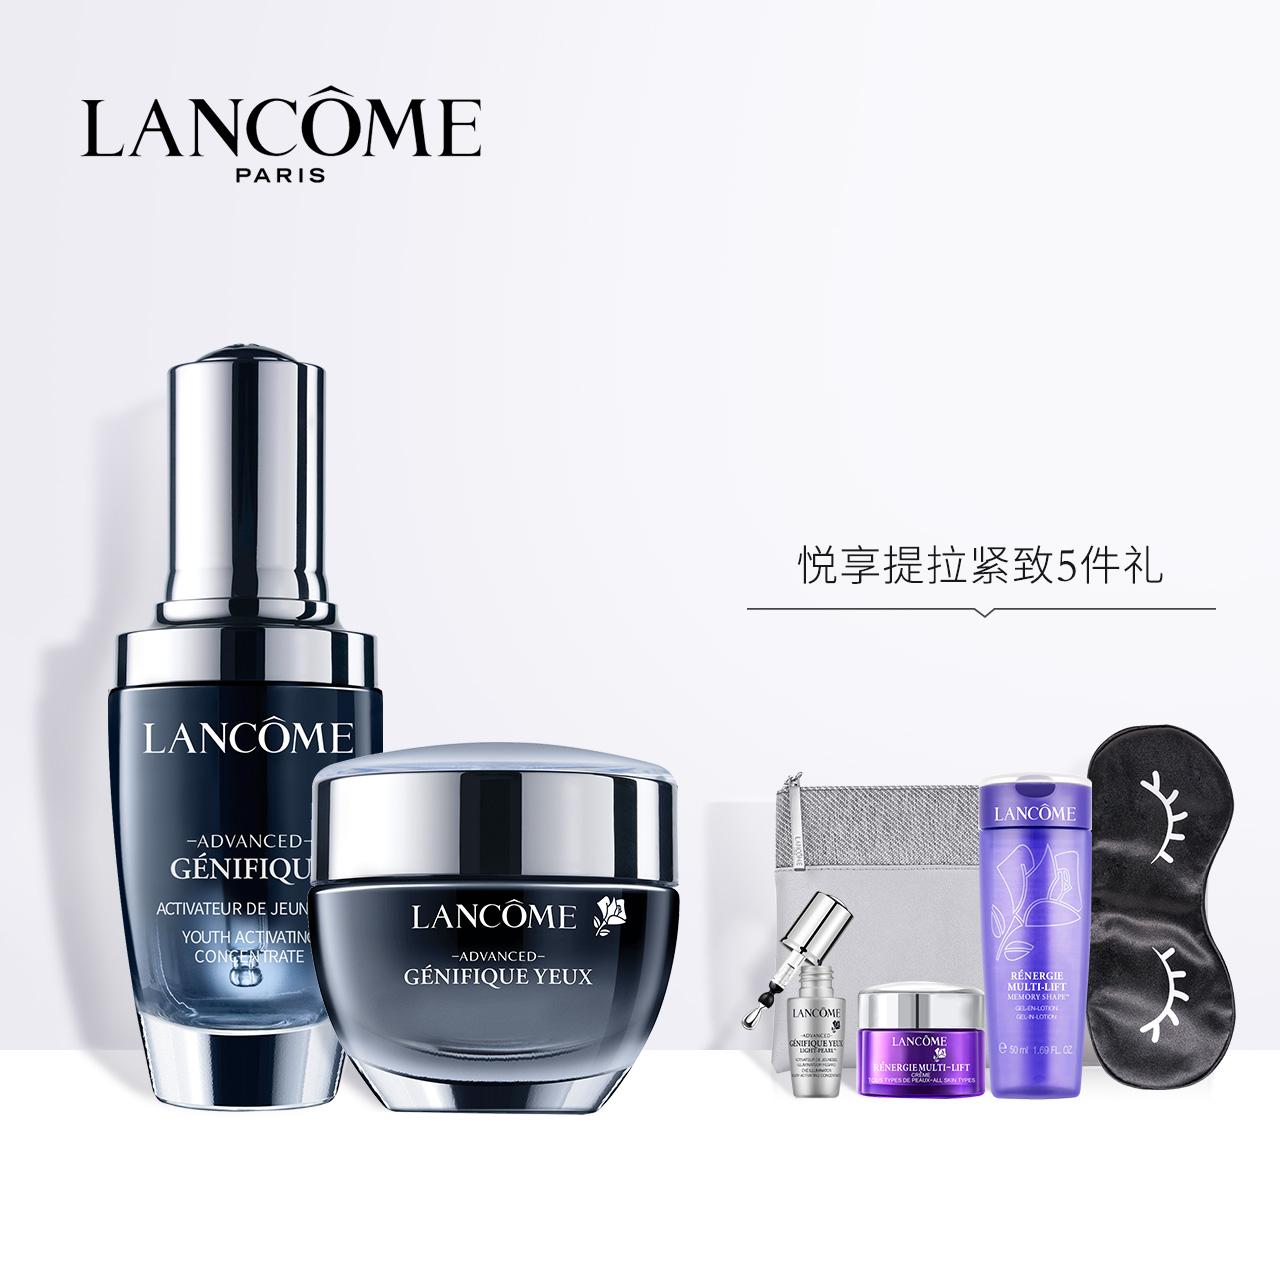 兰蔻「小黑瓶」精华30ml+新品发光眼霜凝霜15ml护肤套装